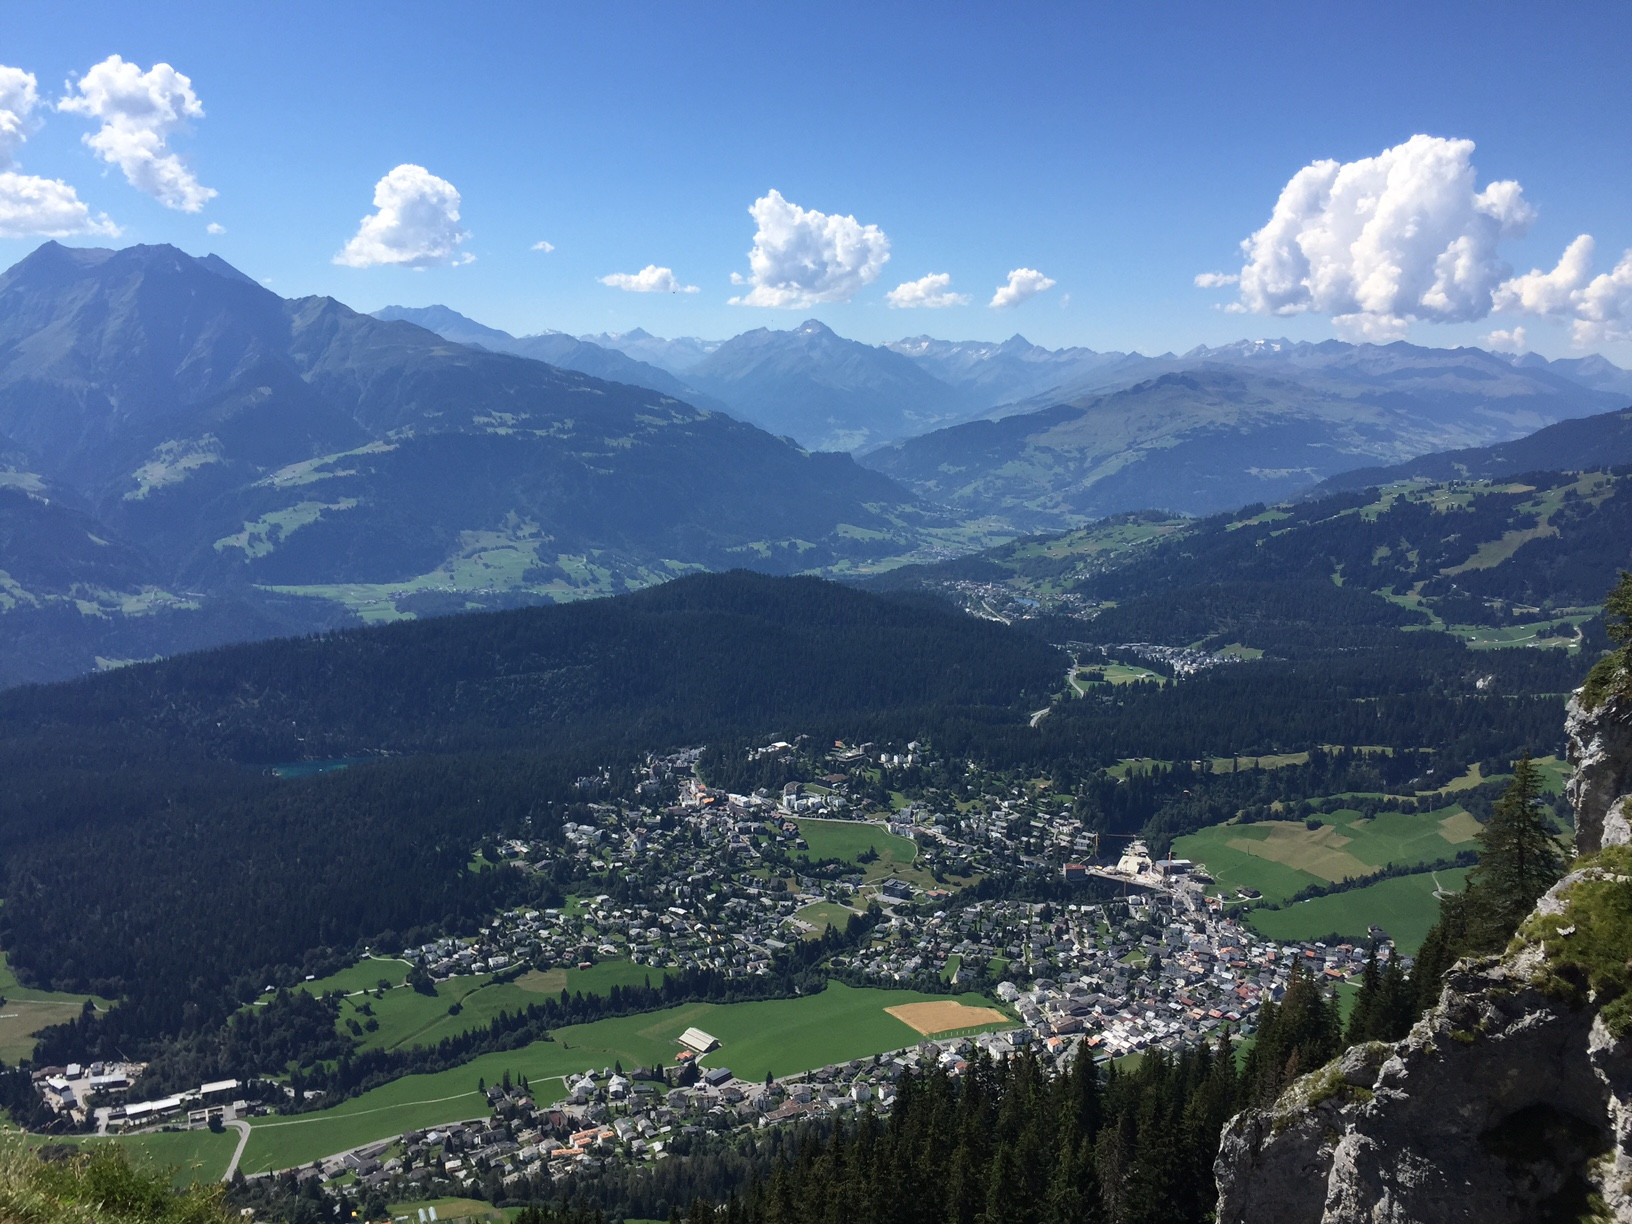 Klettersteig Flims : Klettersteig flims aussicht travelistas die reise insider